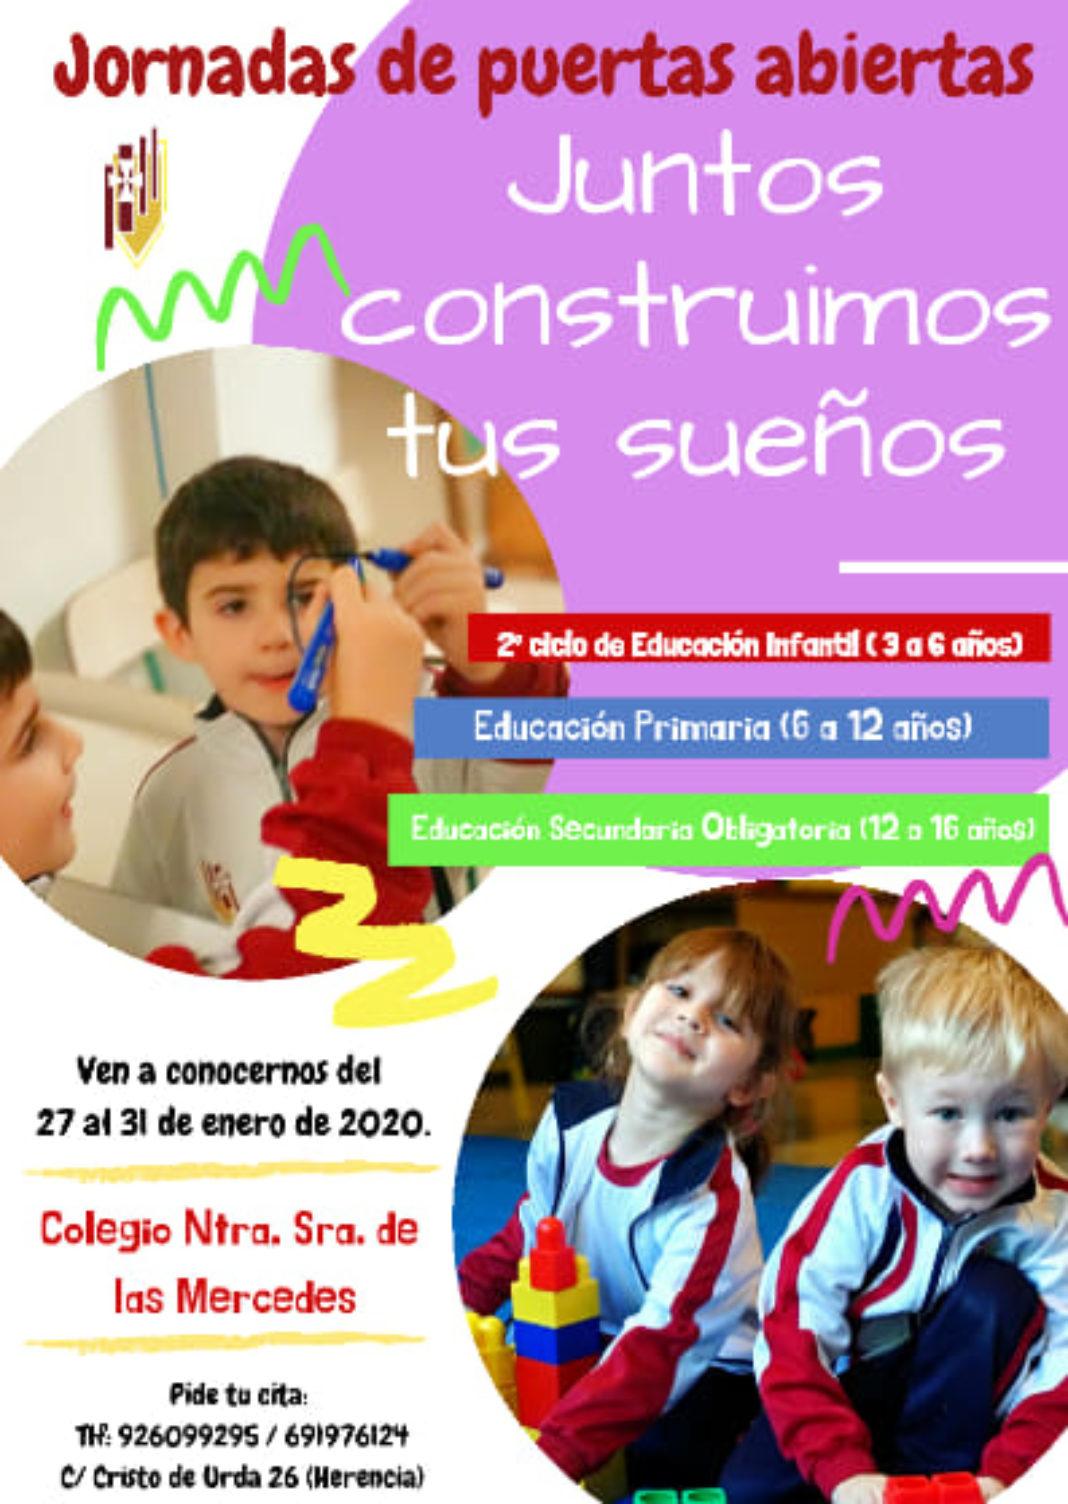 jornada de puertas abiertas colegio mercedarias 1068x1504 - Jornadas de puertas abiertas del colegio Nuestra Señora de las Mercedes